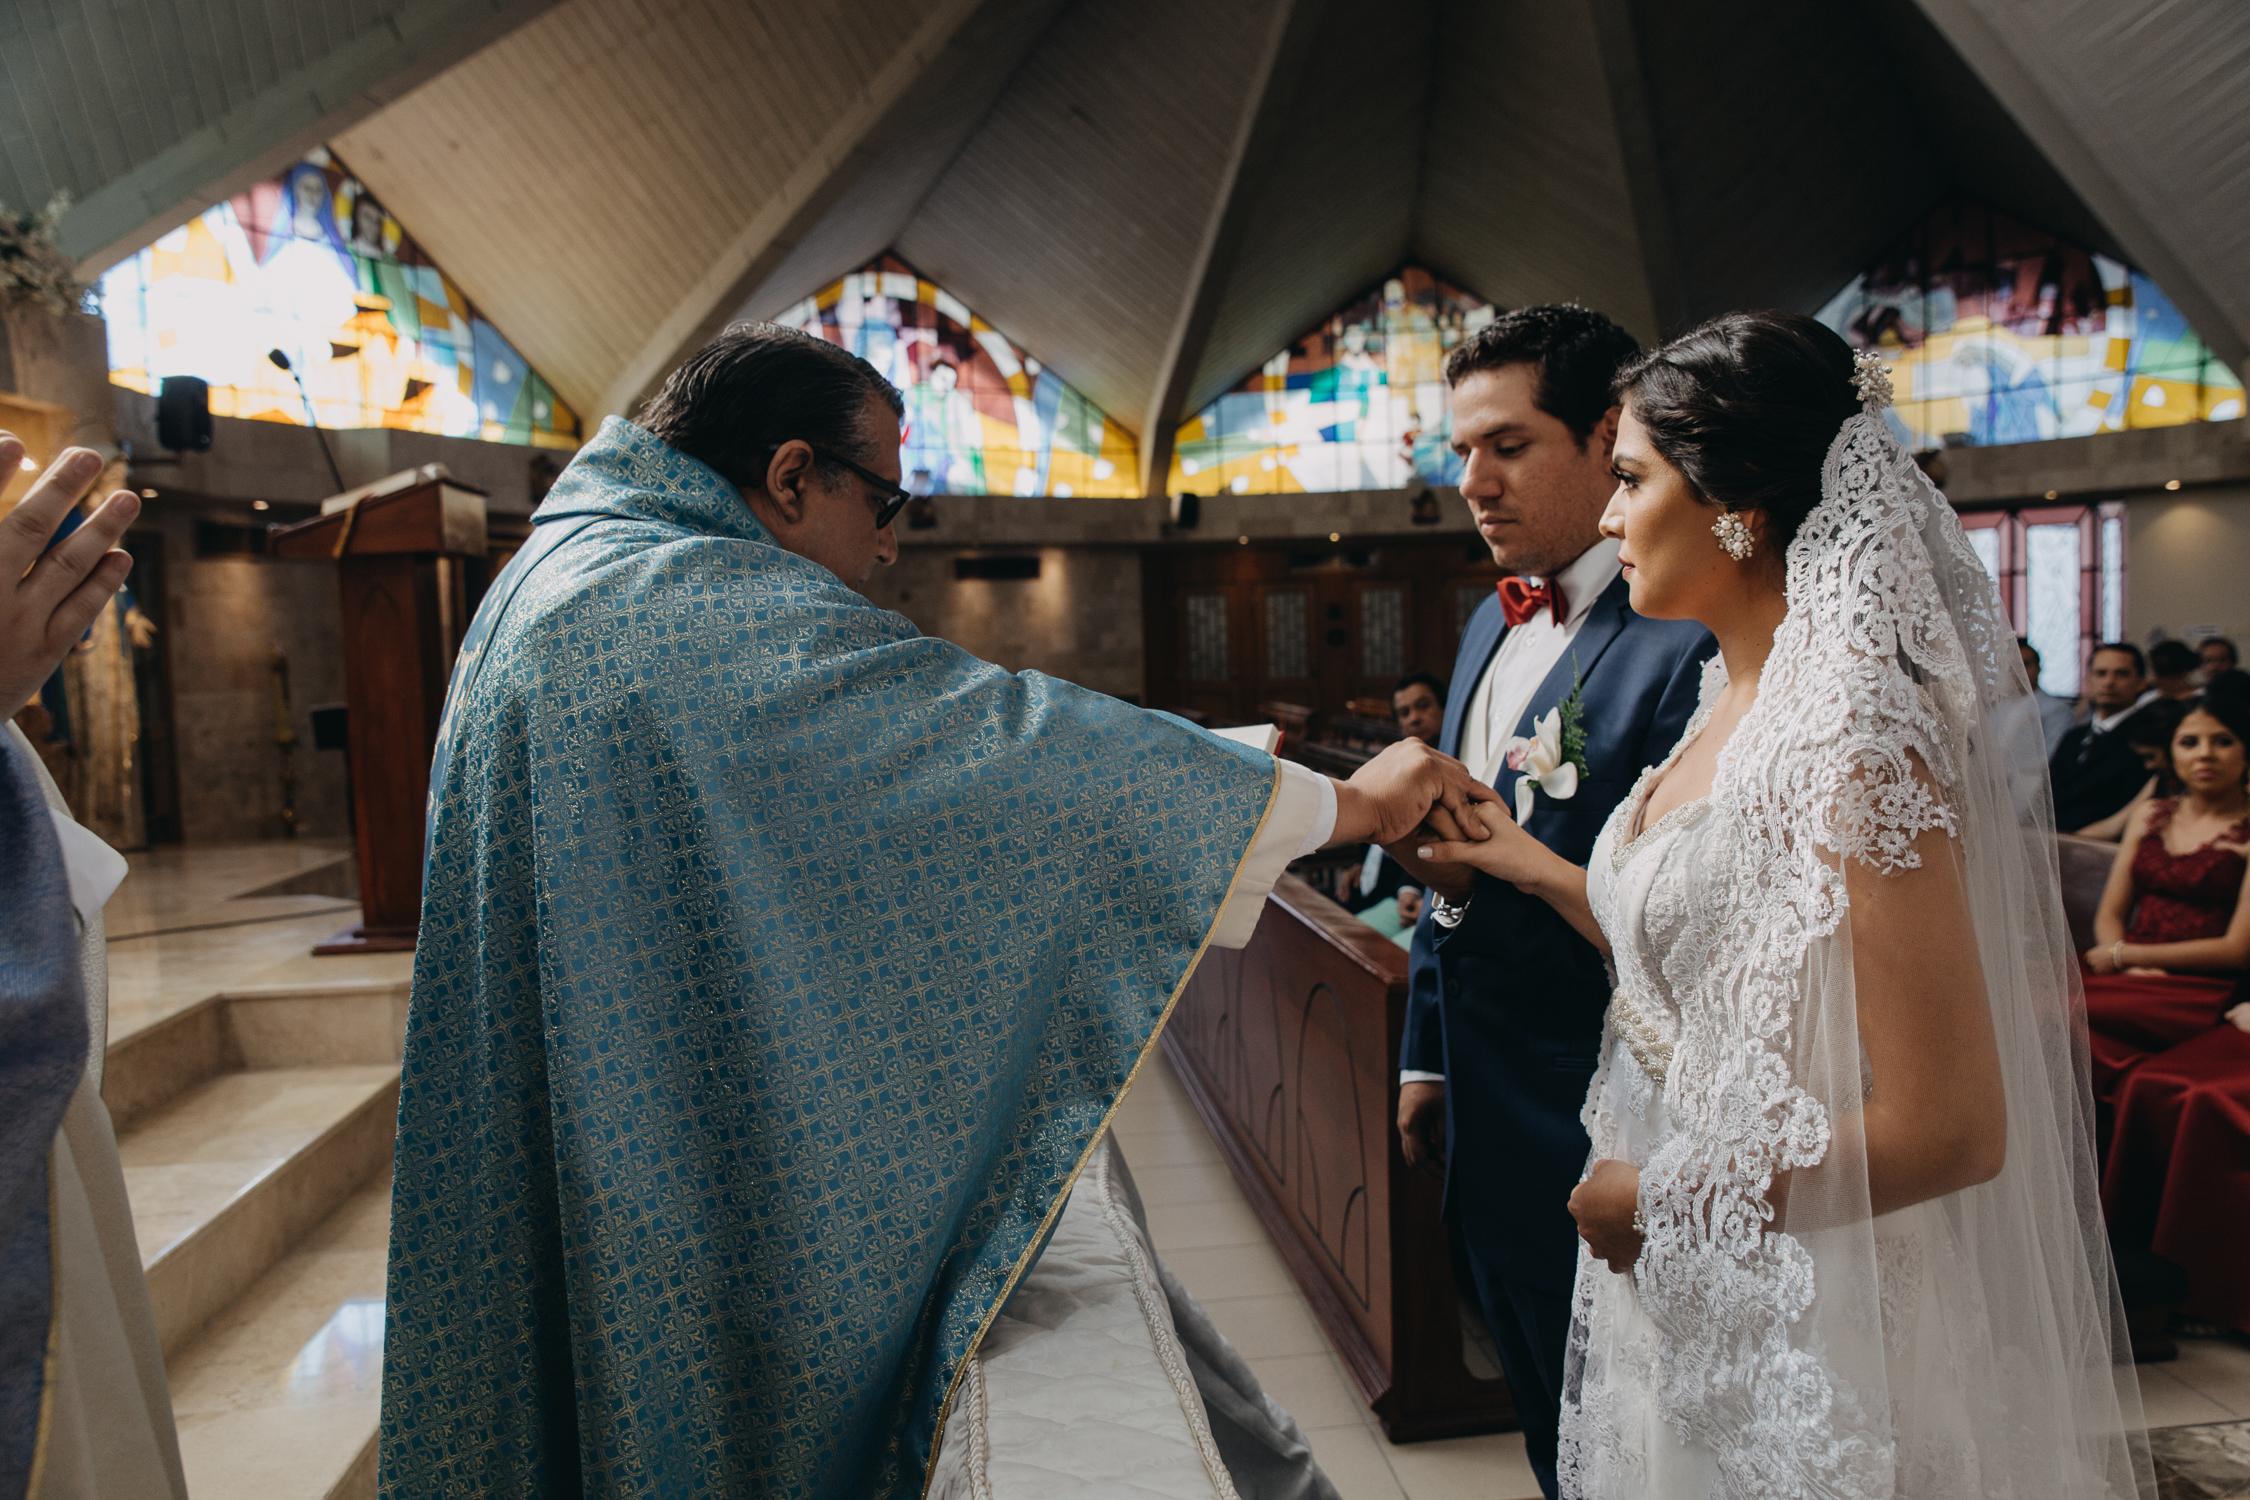 Michelle-Agurto-Fotografia-Bodas-Ecuador-Destination-Wedding-Photographer-Cristi-Luis-45.JPG